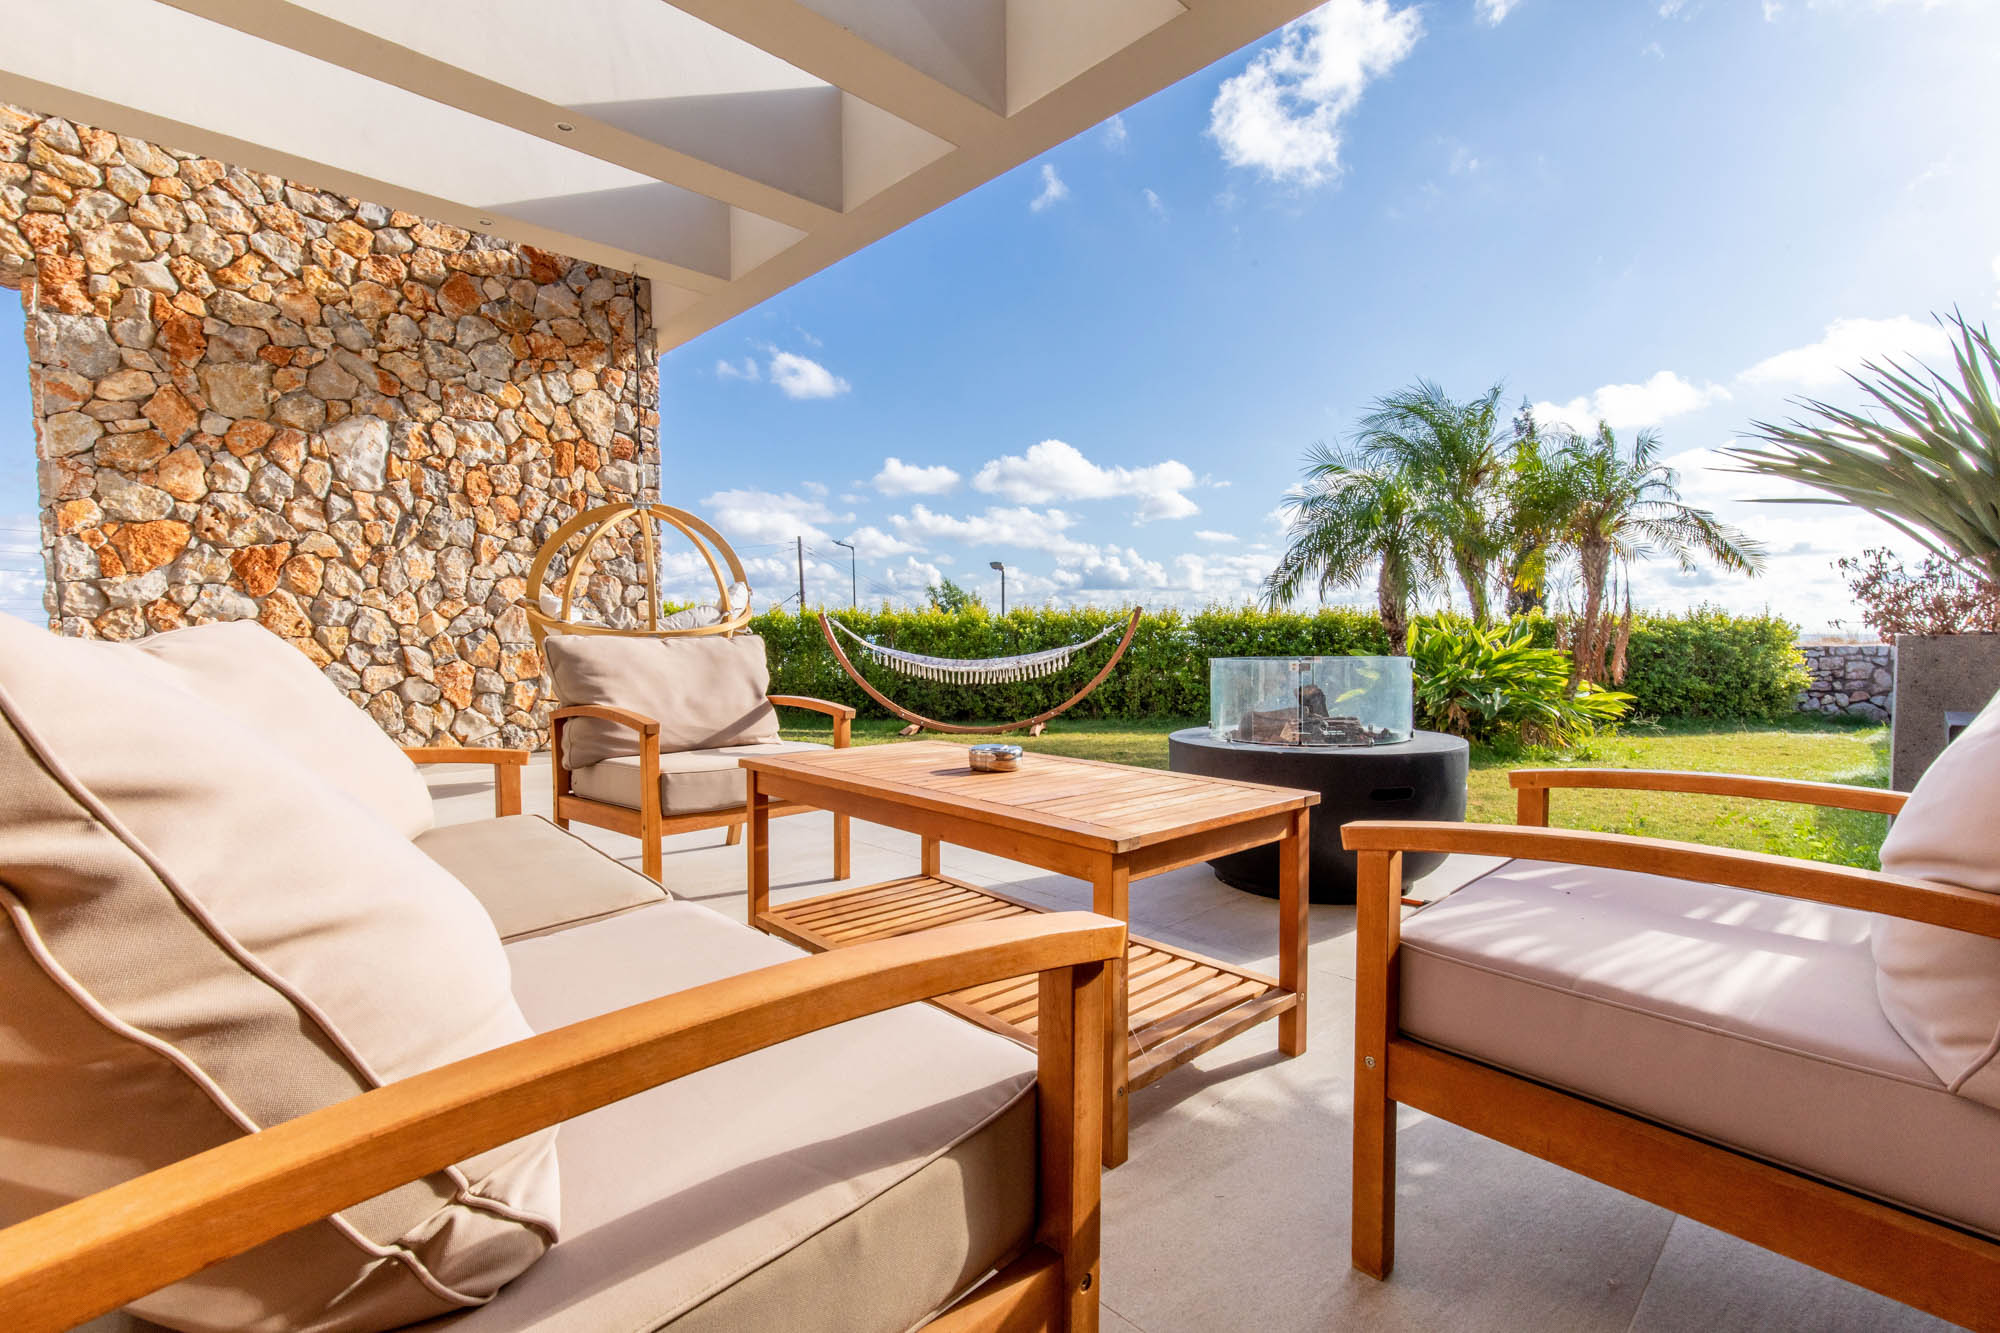 rhodes villas private pools gardens